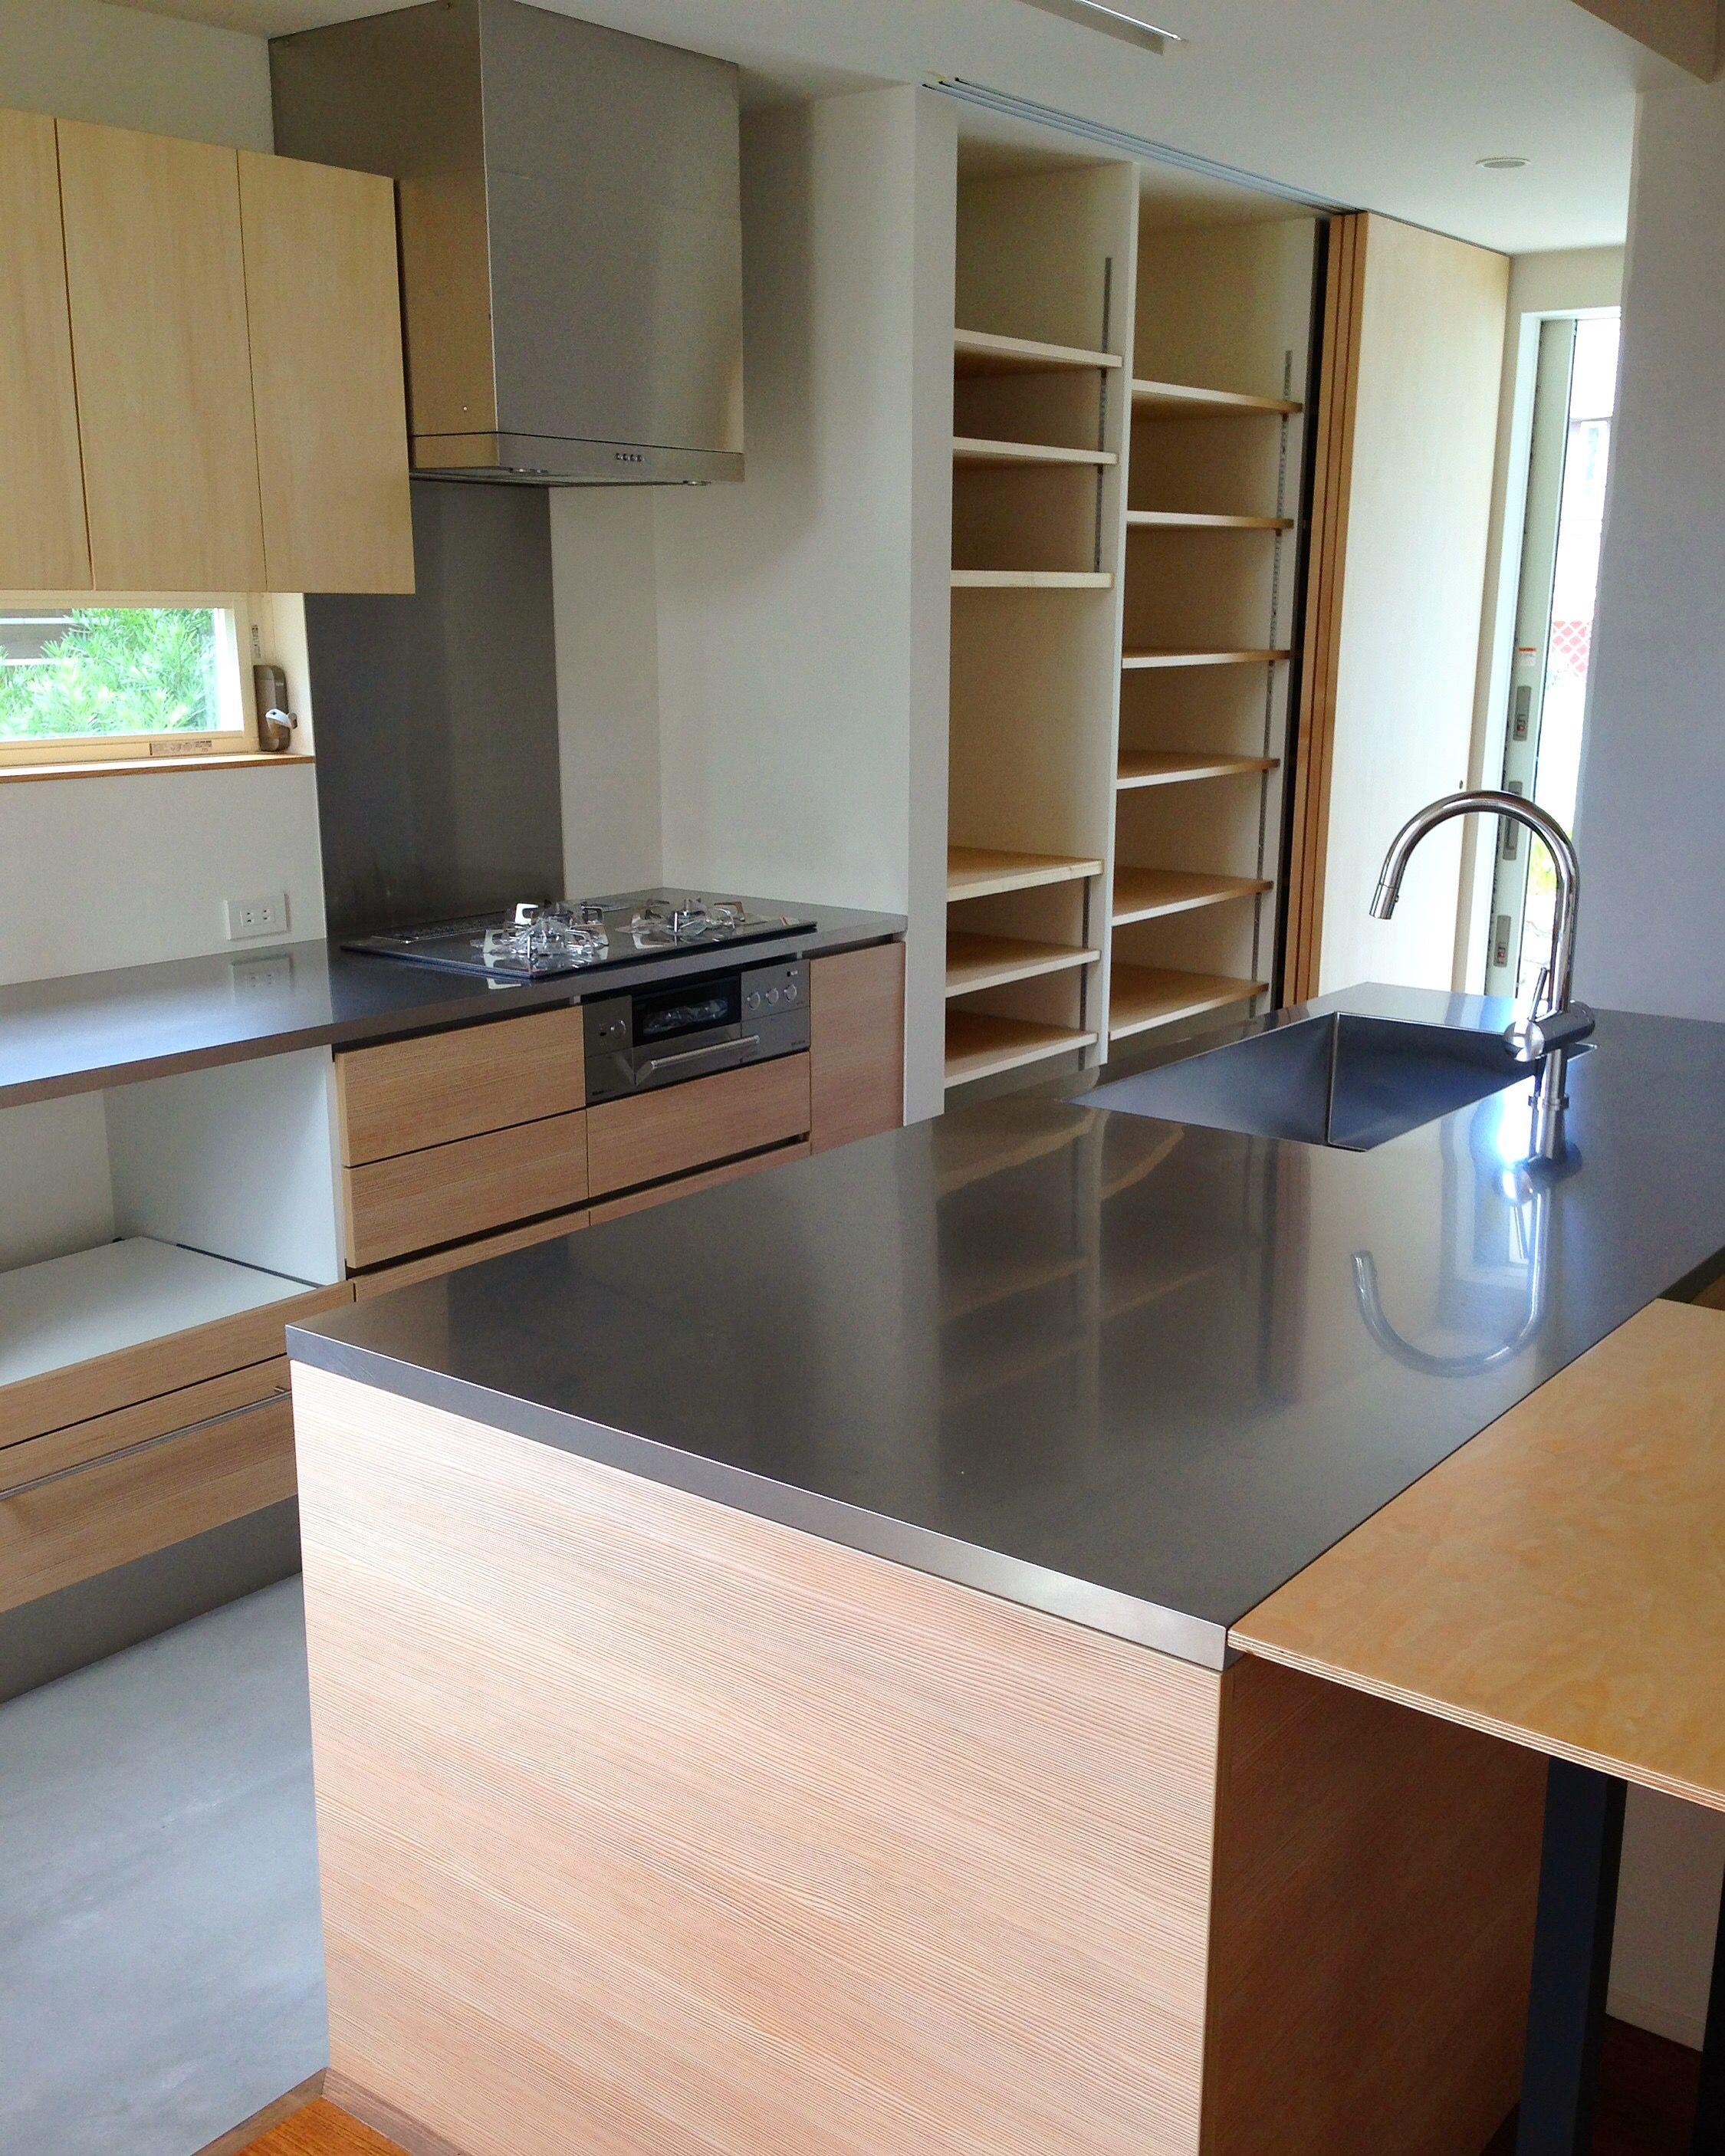 施工事例 型キッチン コンロ前の壁には油汚れや防火のためにキッチンパネルを貼ります このキッチンでは通常のキッチン パネルではなく高級感があるステンレスをキッチンパネルとして使用しています オーダーキッチン 型キッチン リビング キッチン